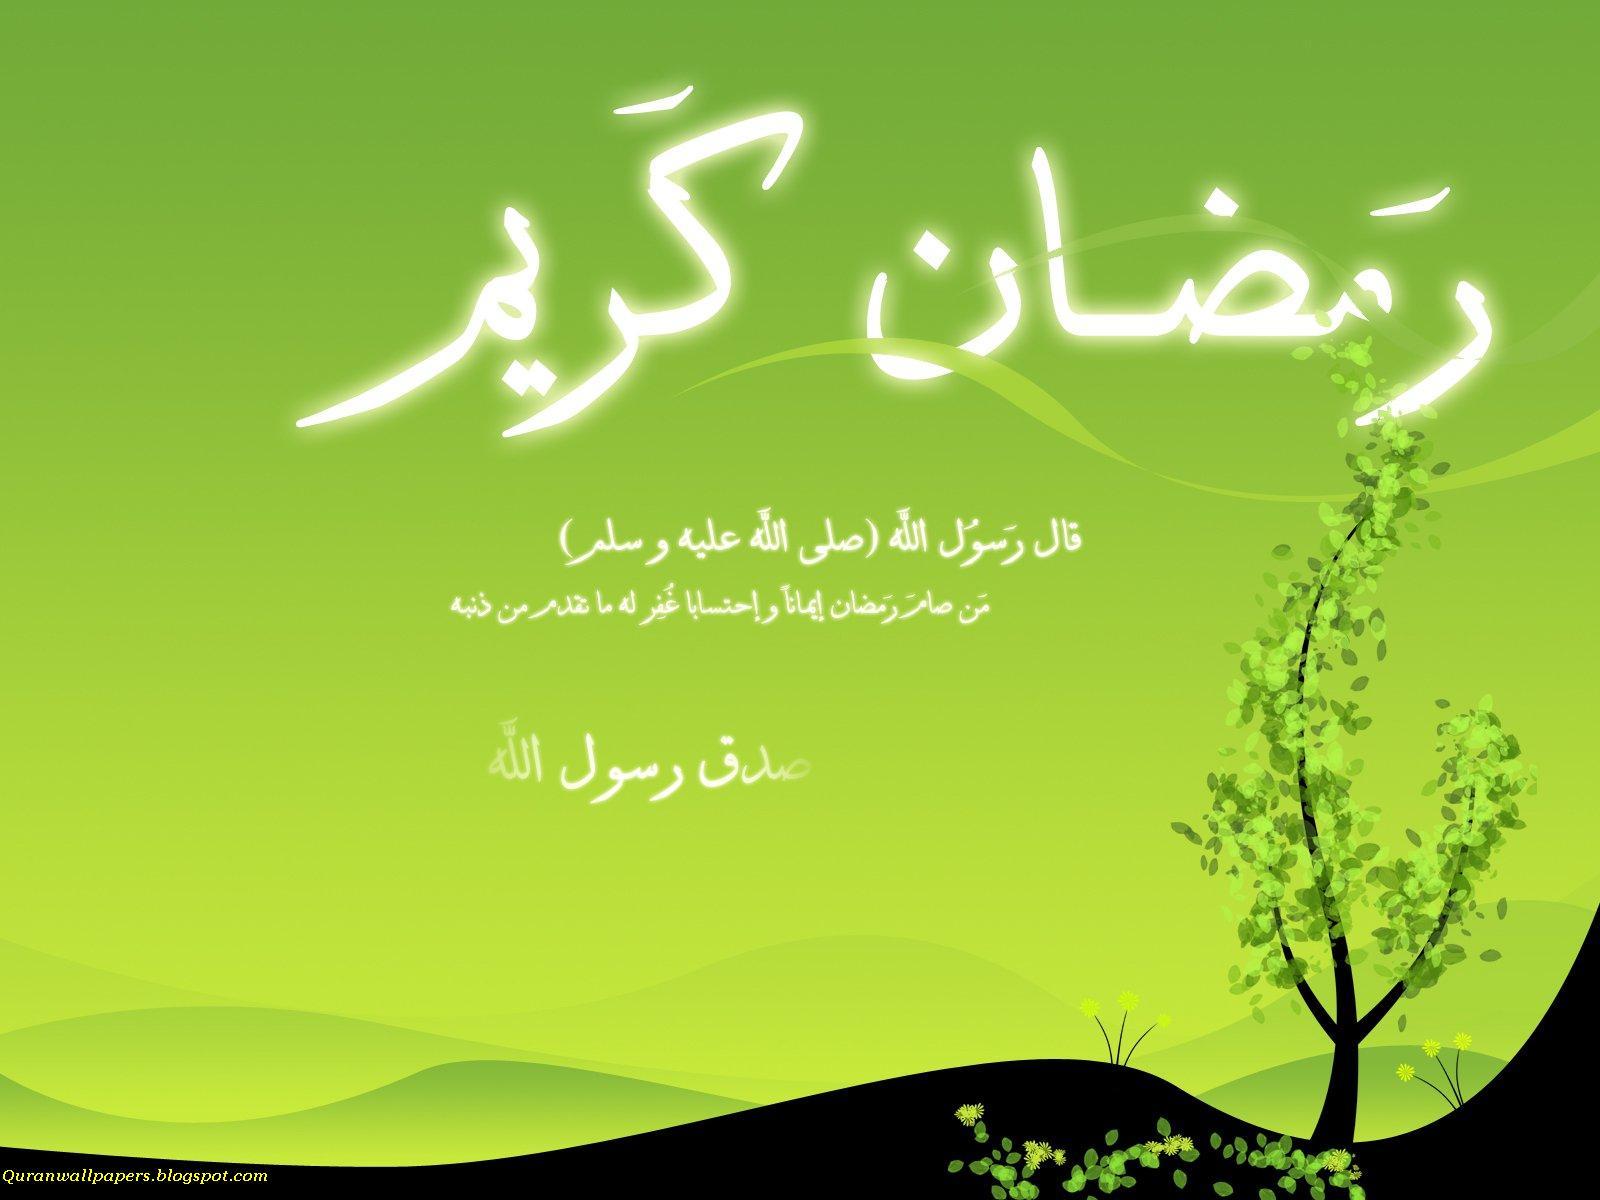 Ramadan Mubarak Wallpaper In Urdu Ramadan 2014 Wallpaper...